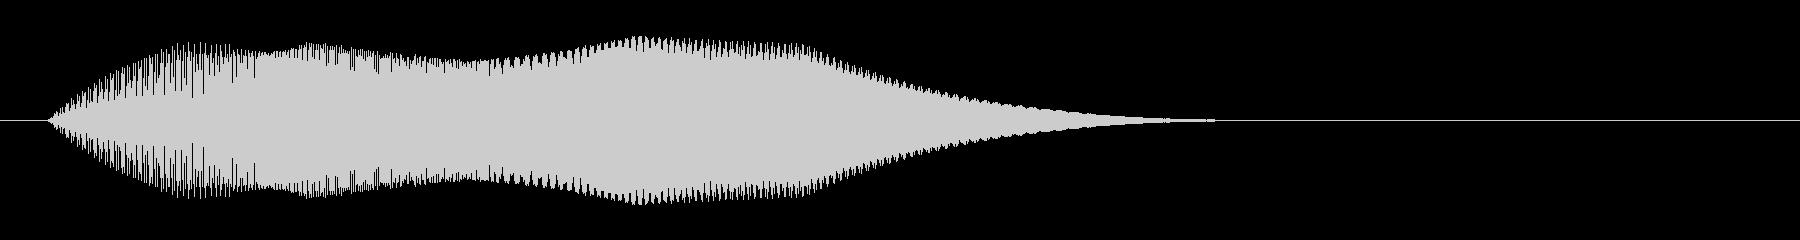 キュピン!01・画面タッチや文字表示時にの未再生の波形